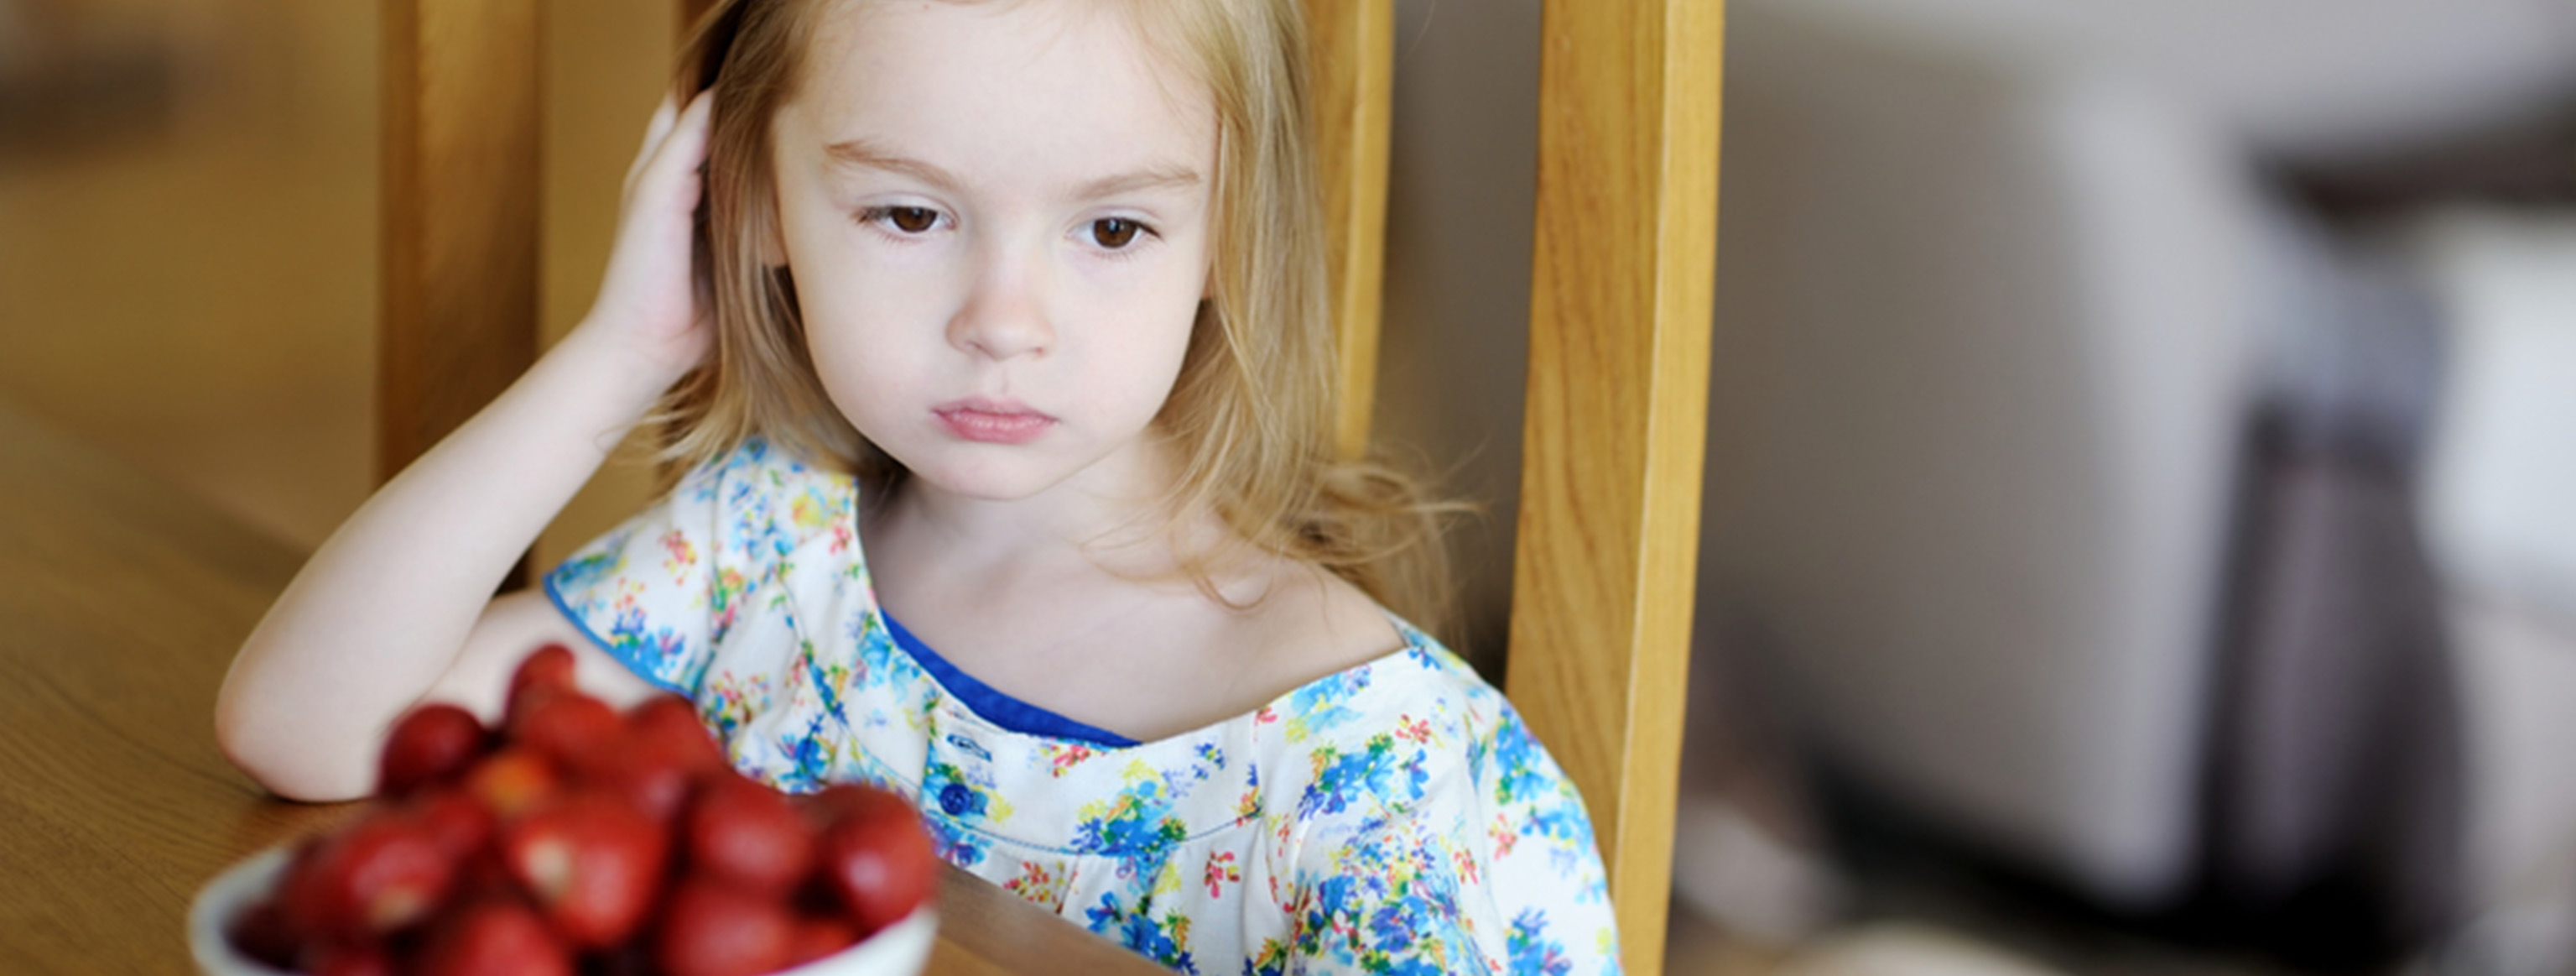 السبب الذي قد يجعل طفلك انتقائي في الأكل